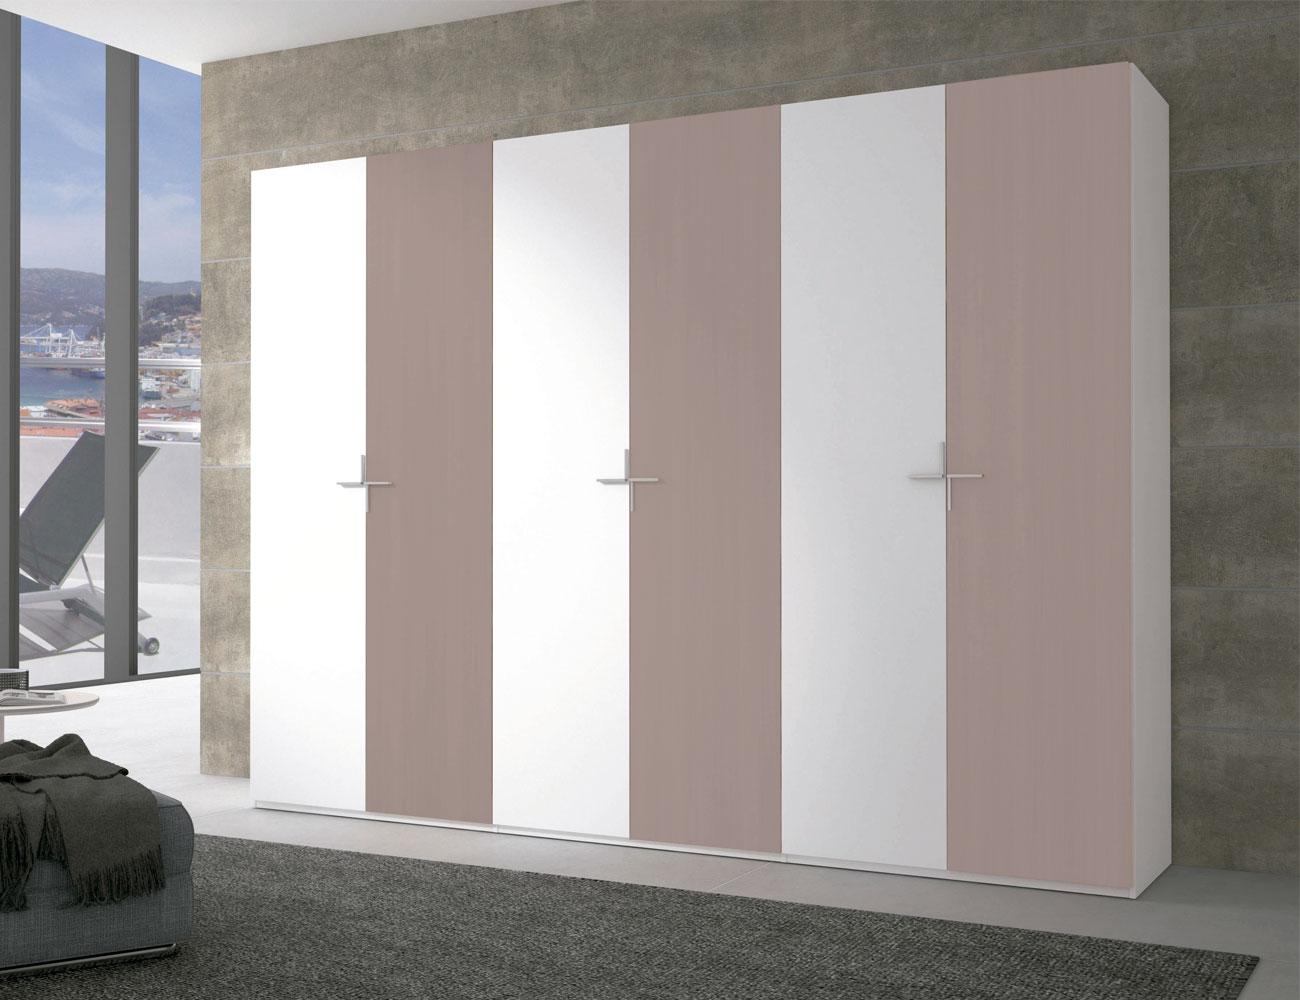 Armario puertas abatibles moka blanco9